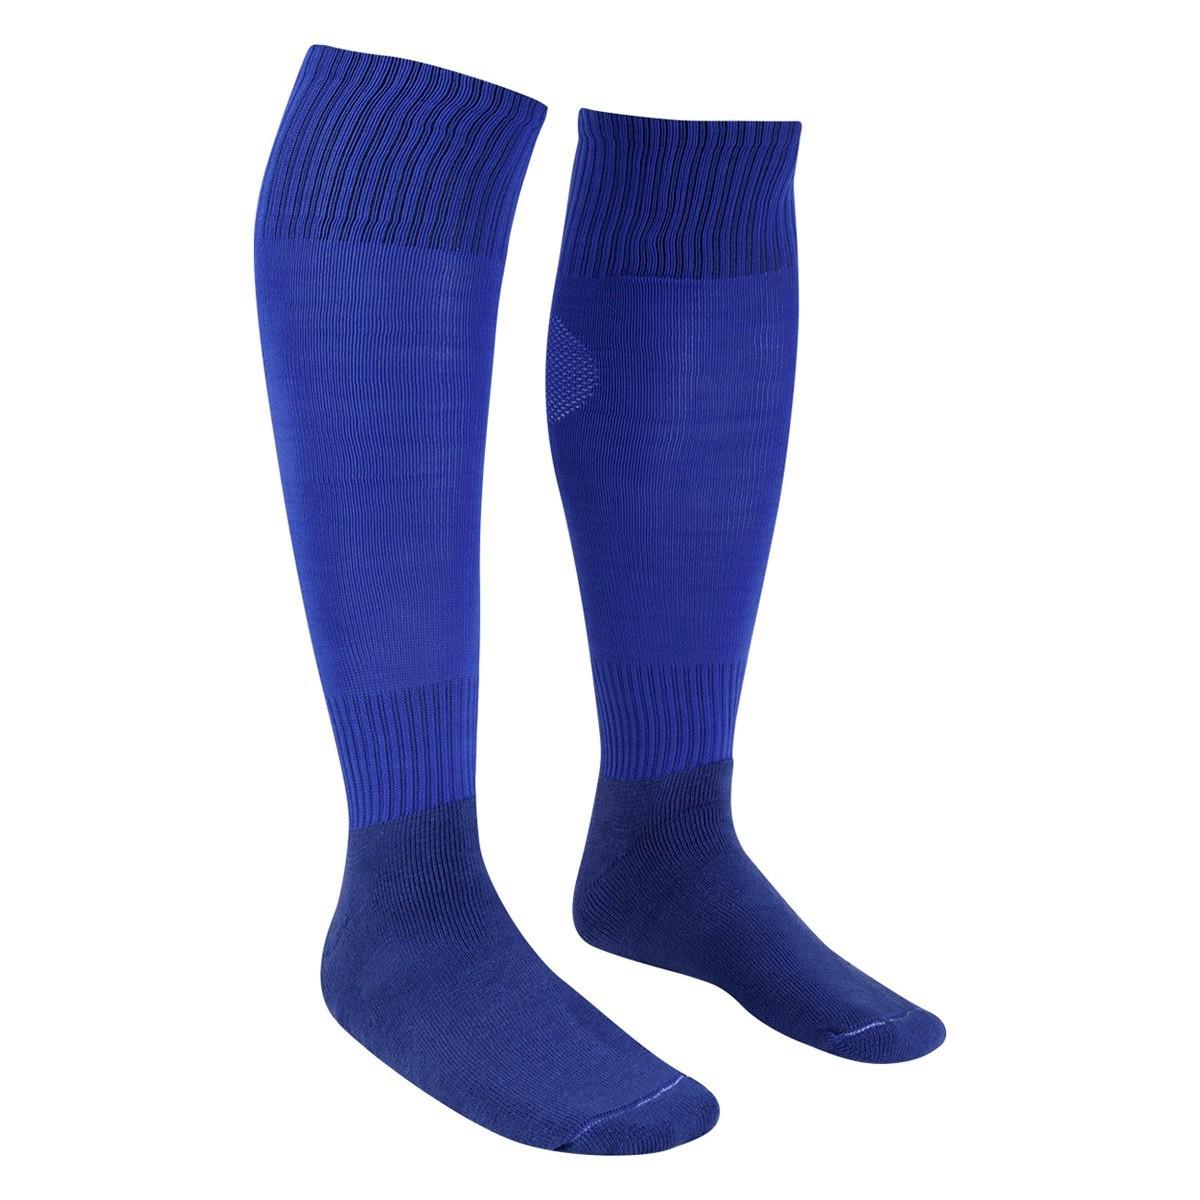 Meião Penalty Básico - Azul